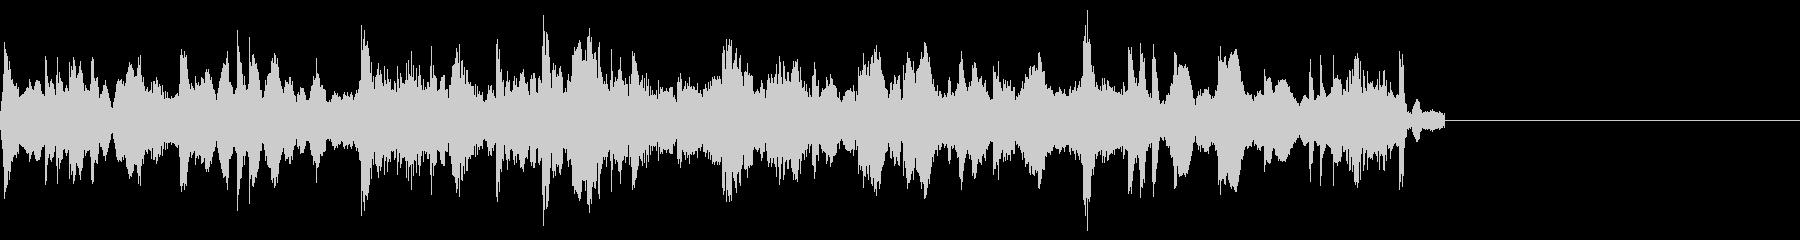 【ジングル】機械的シンセサウンドの未再生の波形